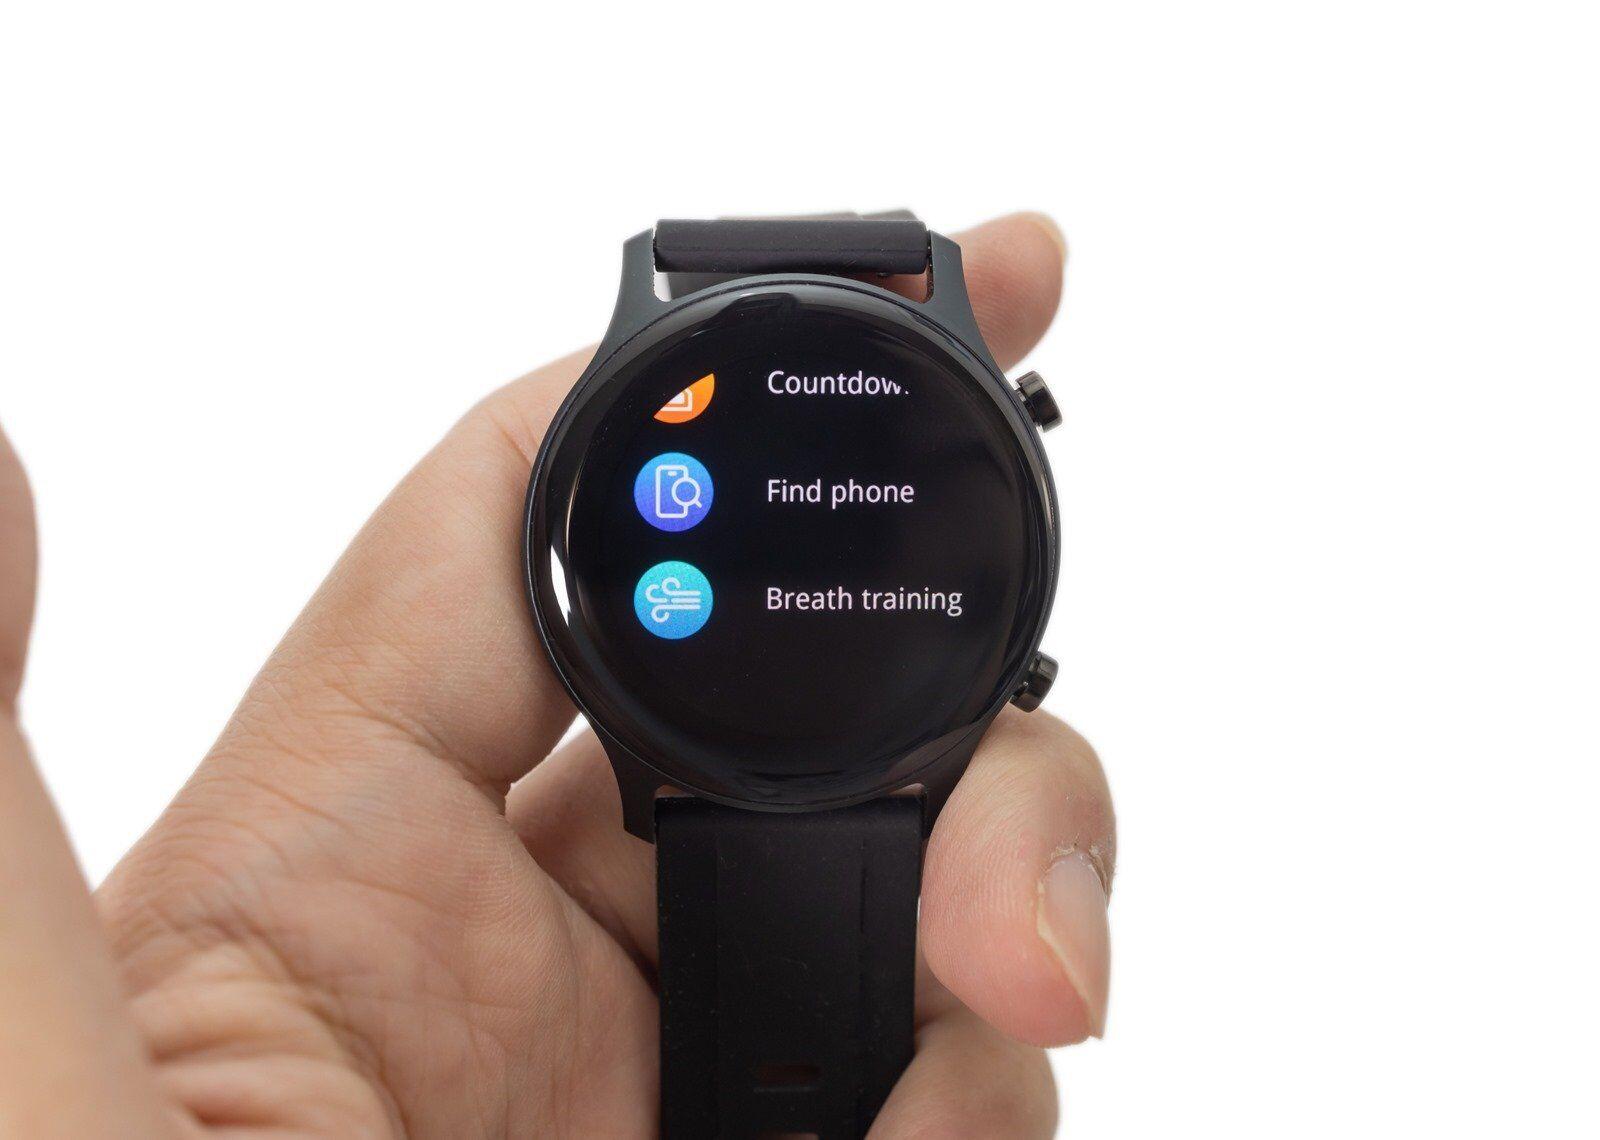 「智慧手錶性價比之王」兩千有找!Haylou RS3 開箱:螢幕、GPS、防水全面升級 @3C 達人廖阿輝